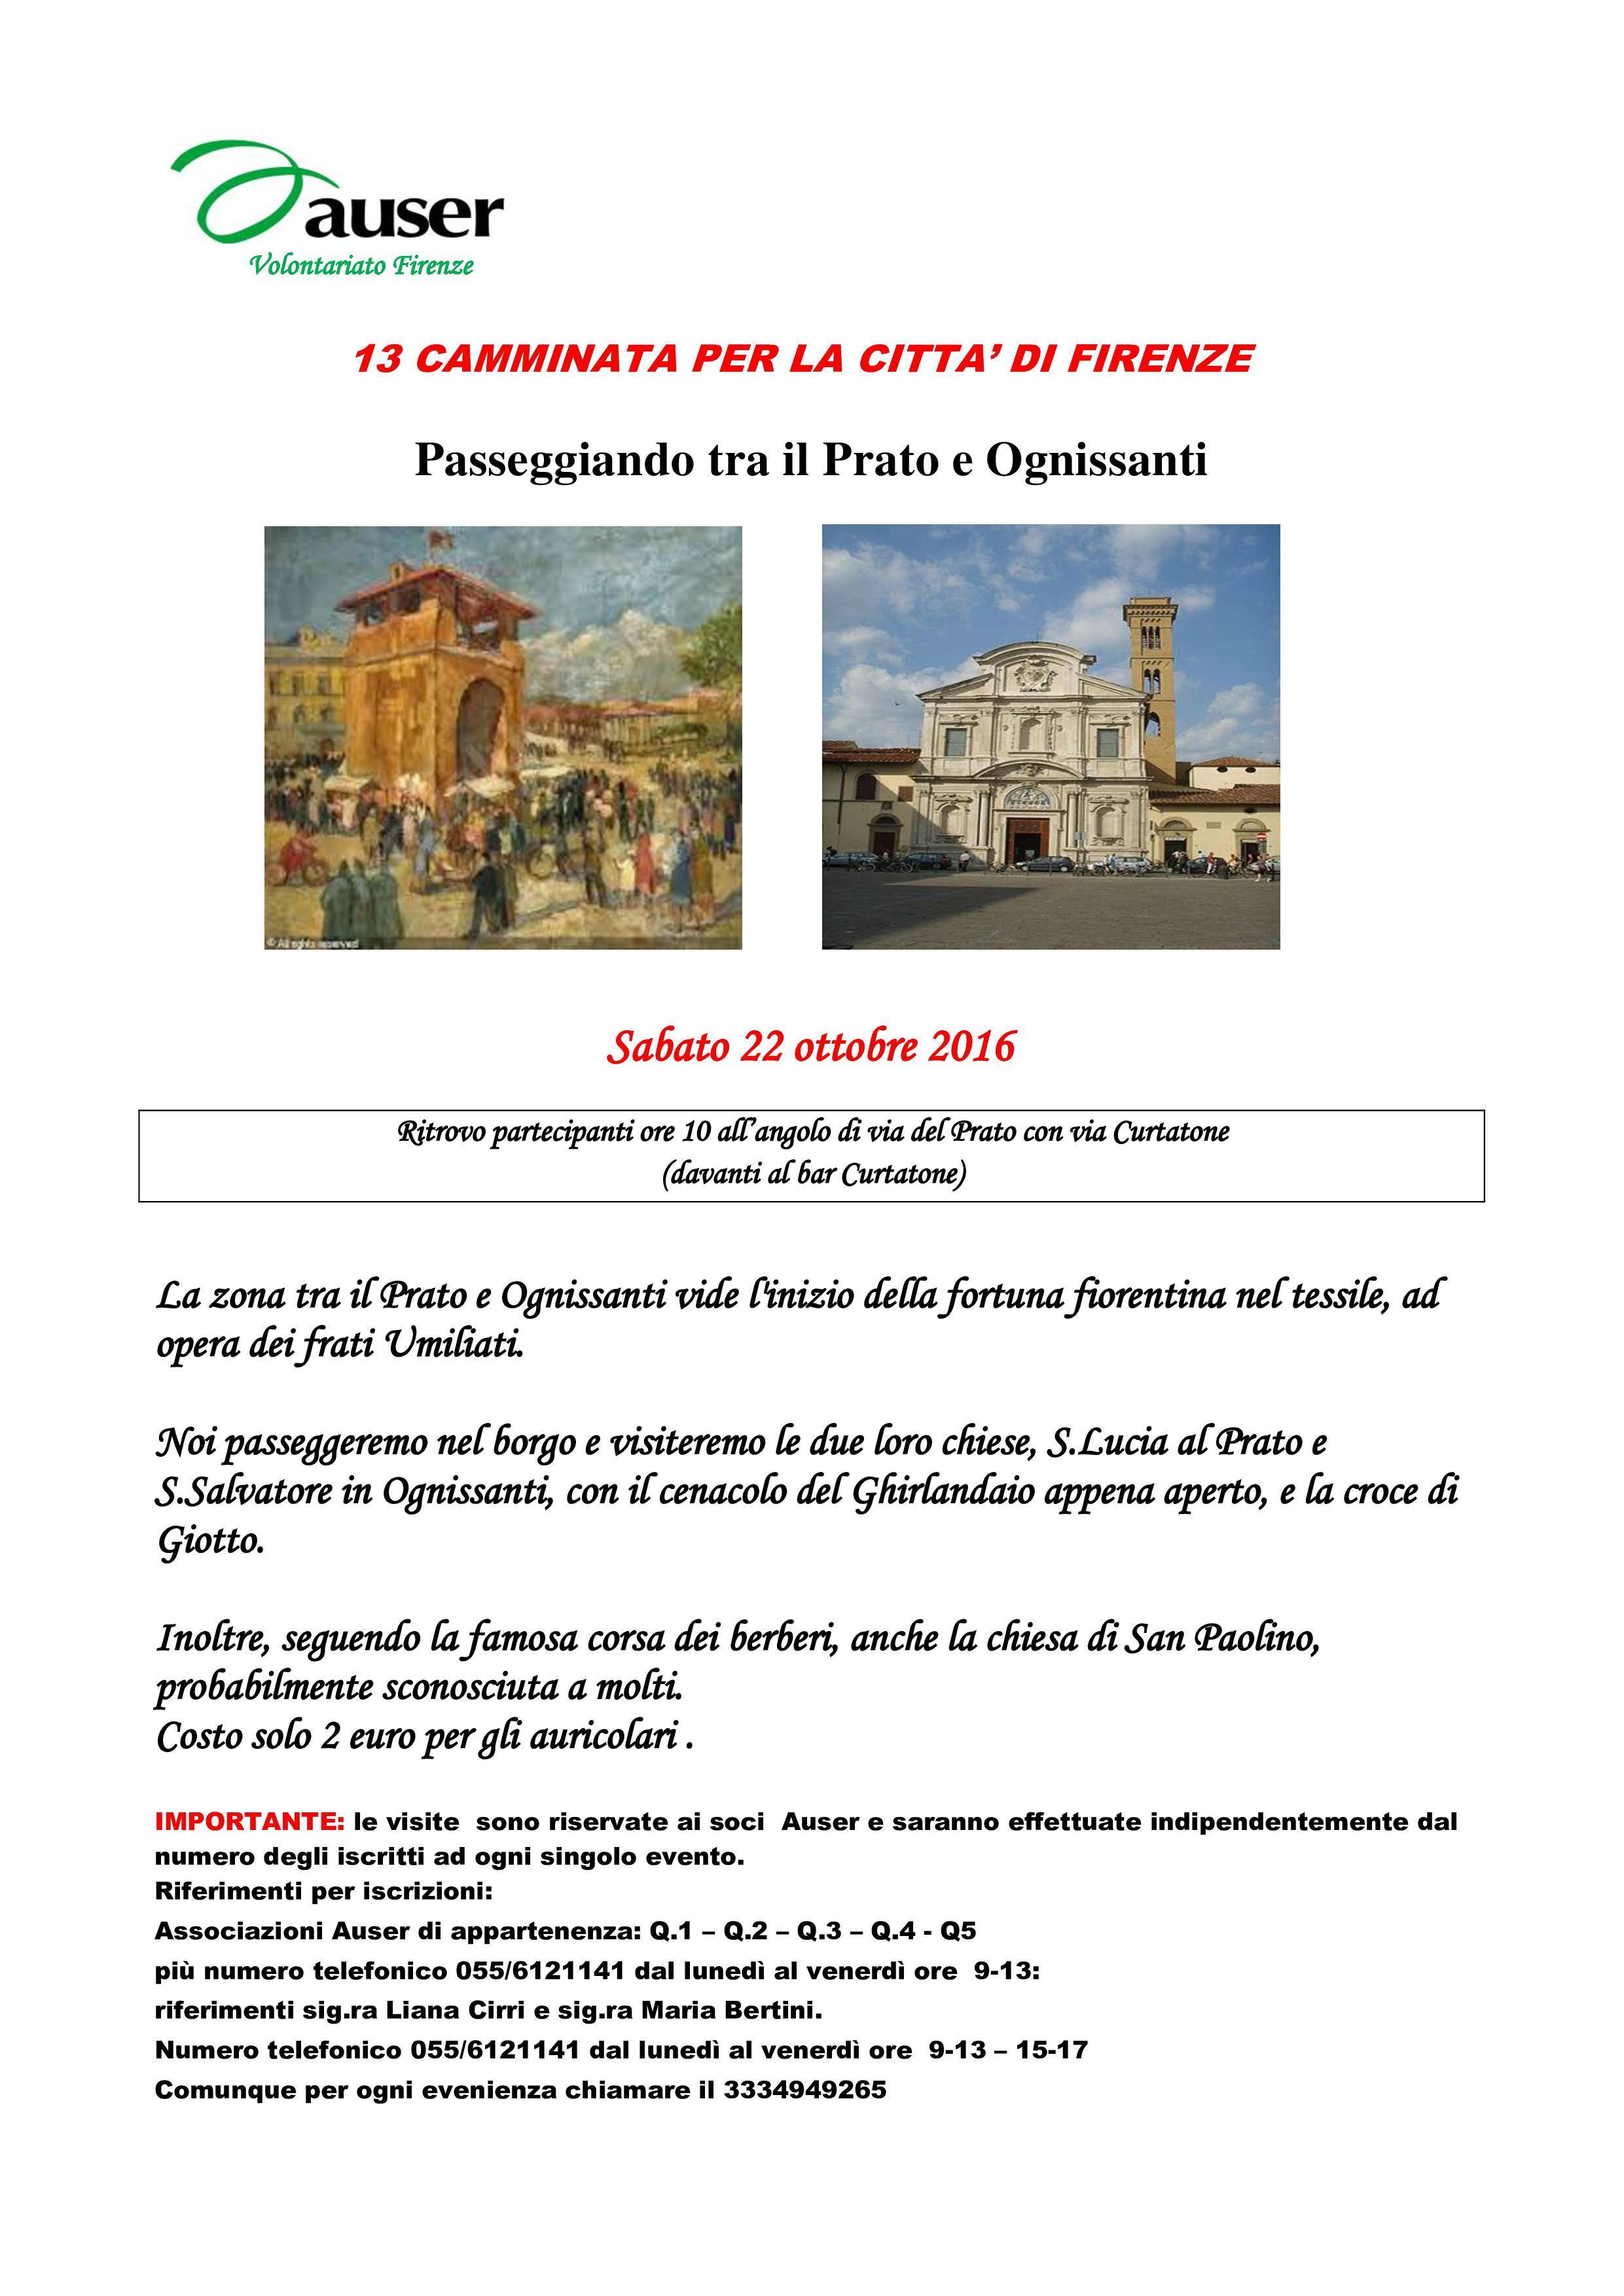 visita in citta Firenze - il Prato  Ognissanti